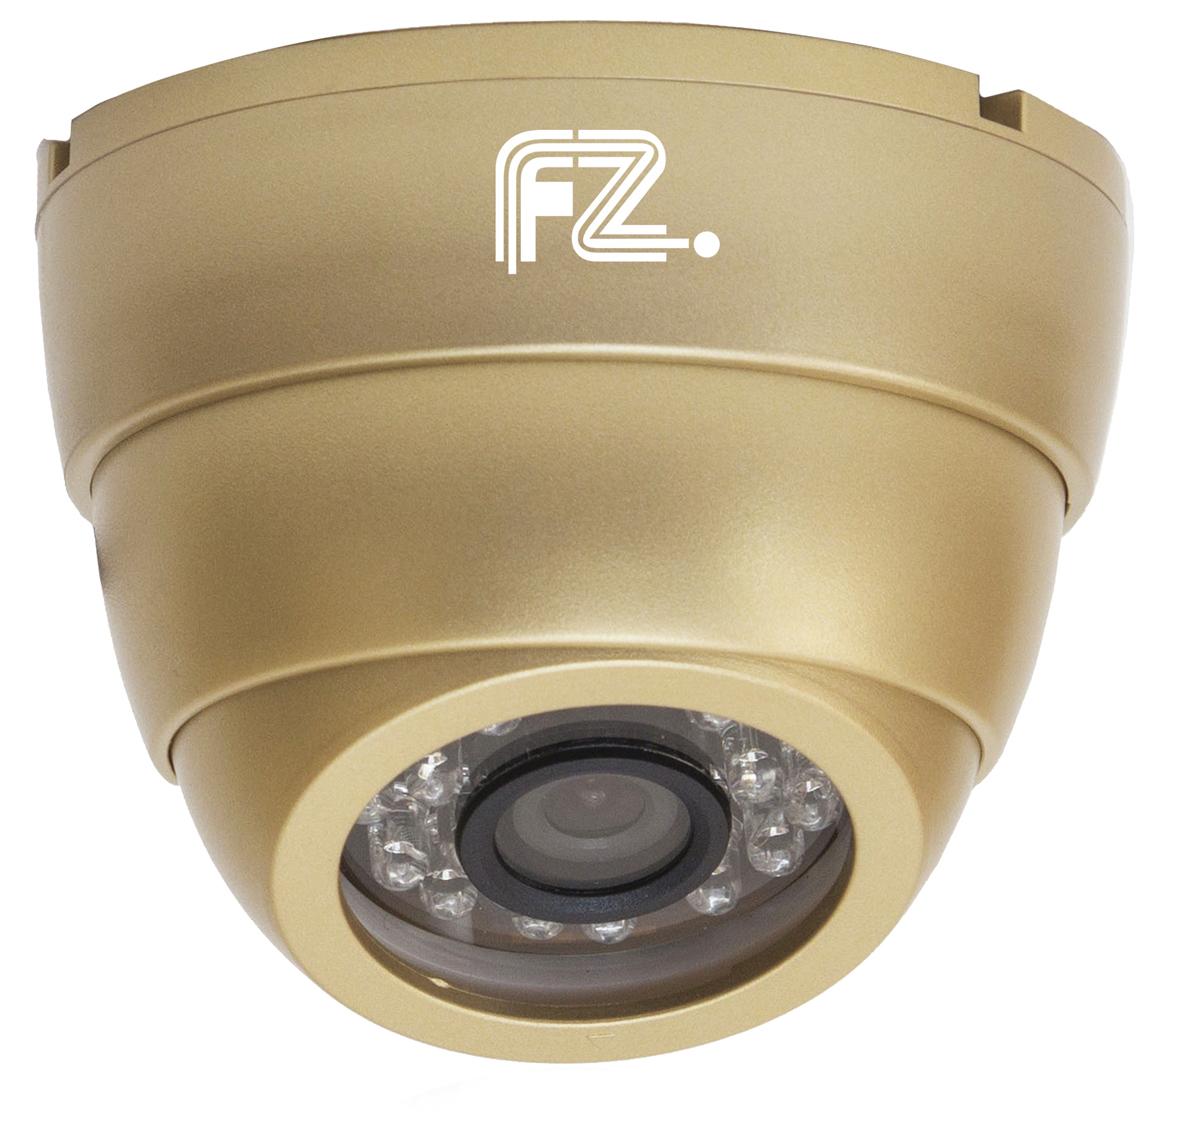 Fazera zIPCam-DIR24-1080 камера видеонаблюденияzIPCam-DIR24-1080IP Видеокамера купольная уличная с ИК подсветкой c разрешением 1080p